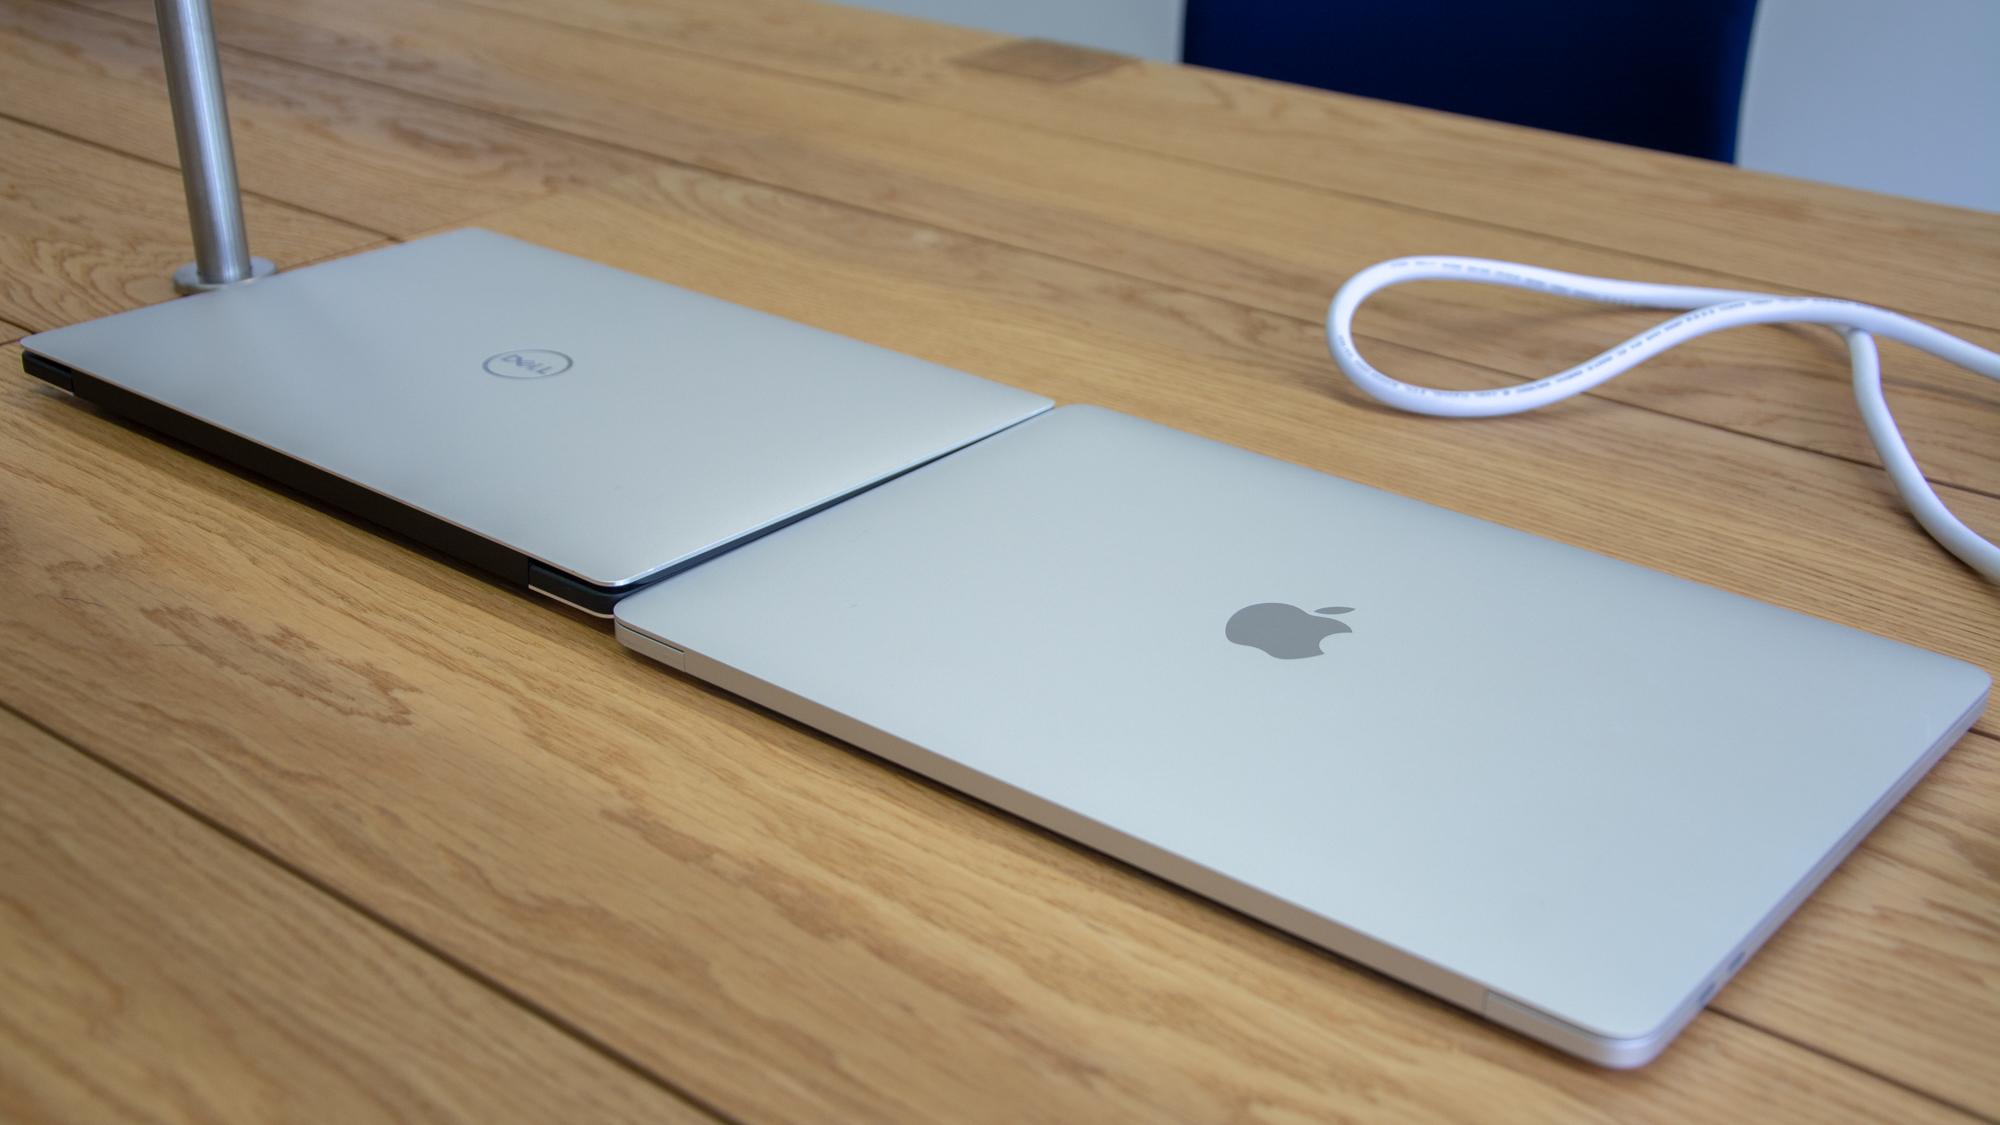 Dell XPS 13 vs Apple MacBook Pro 13in gallery | IT PRO